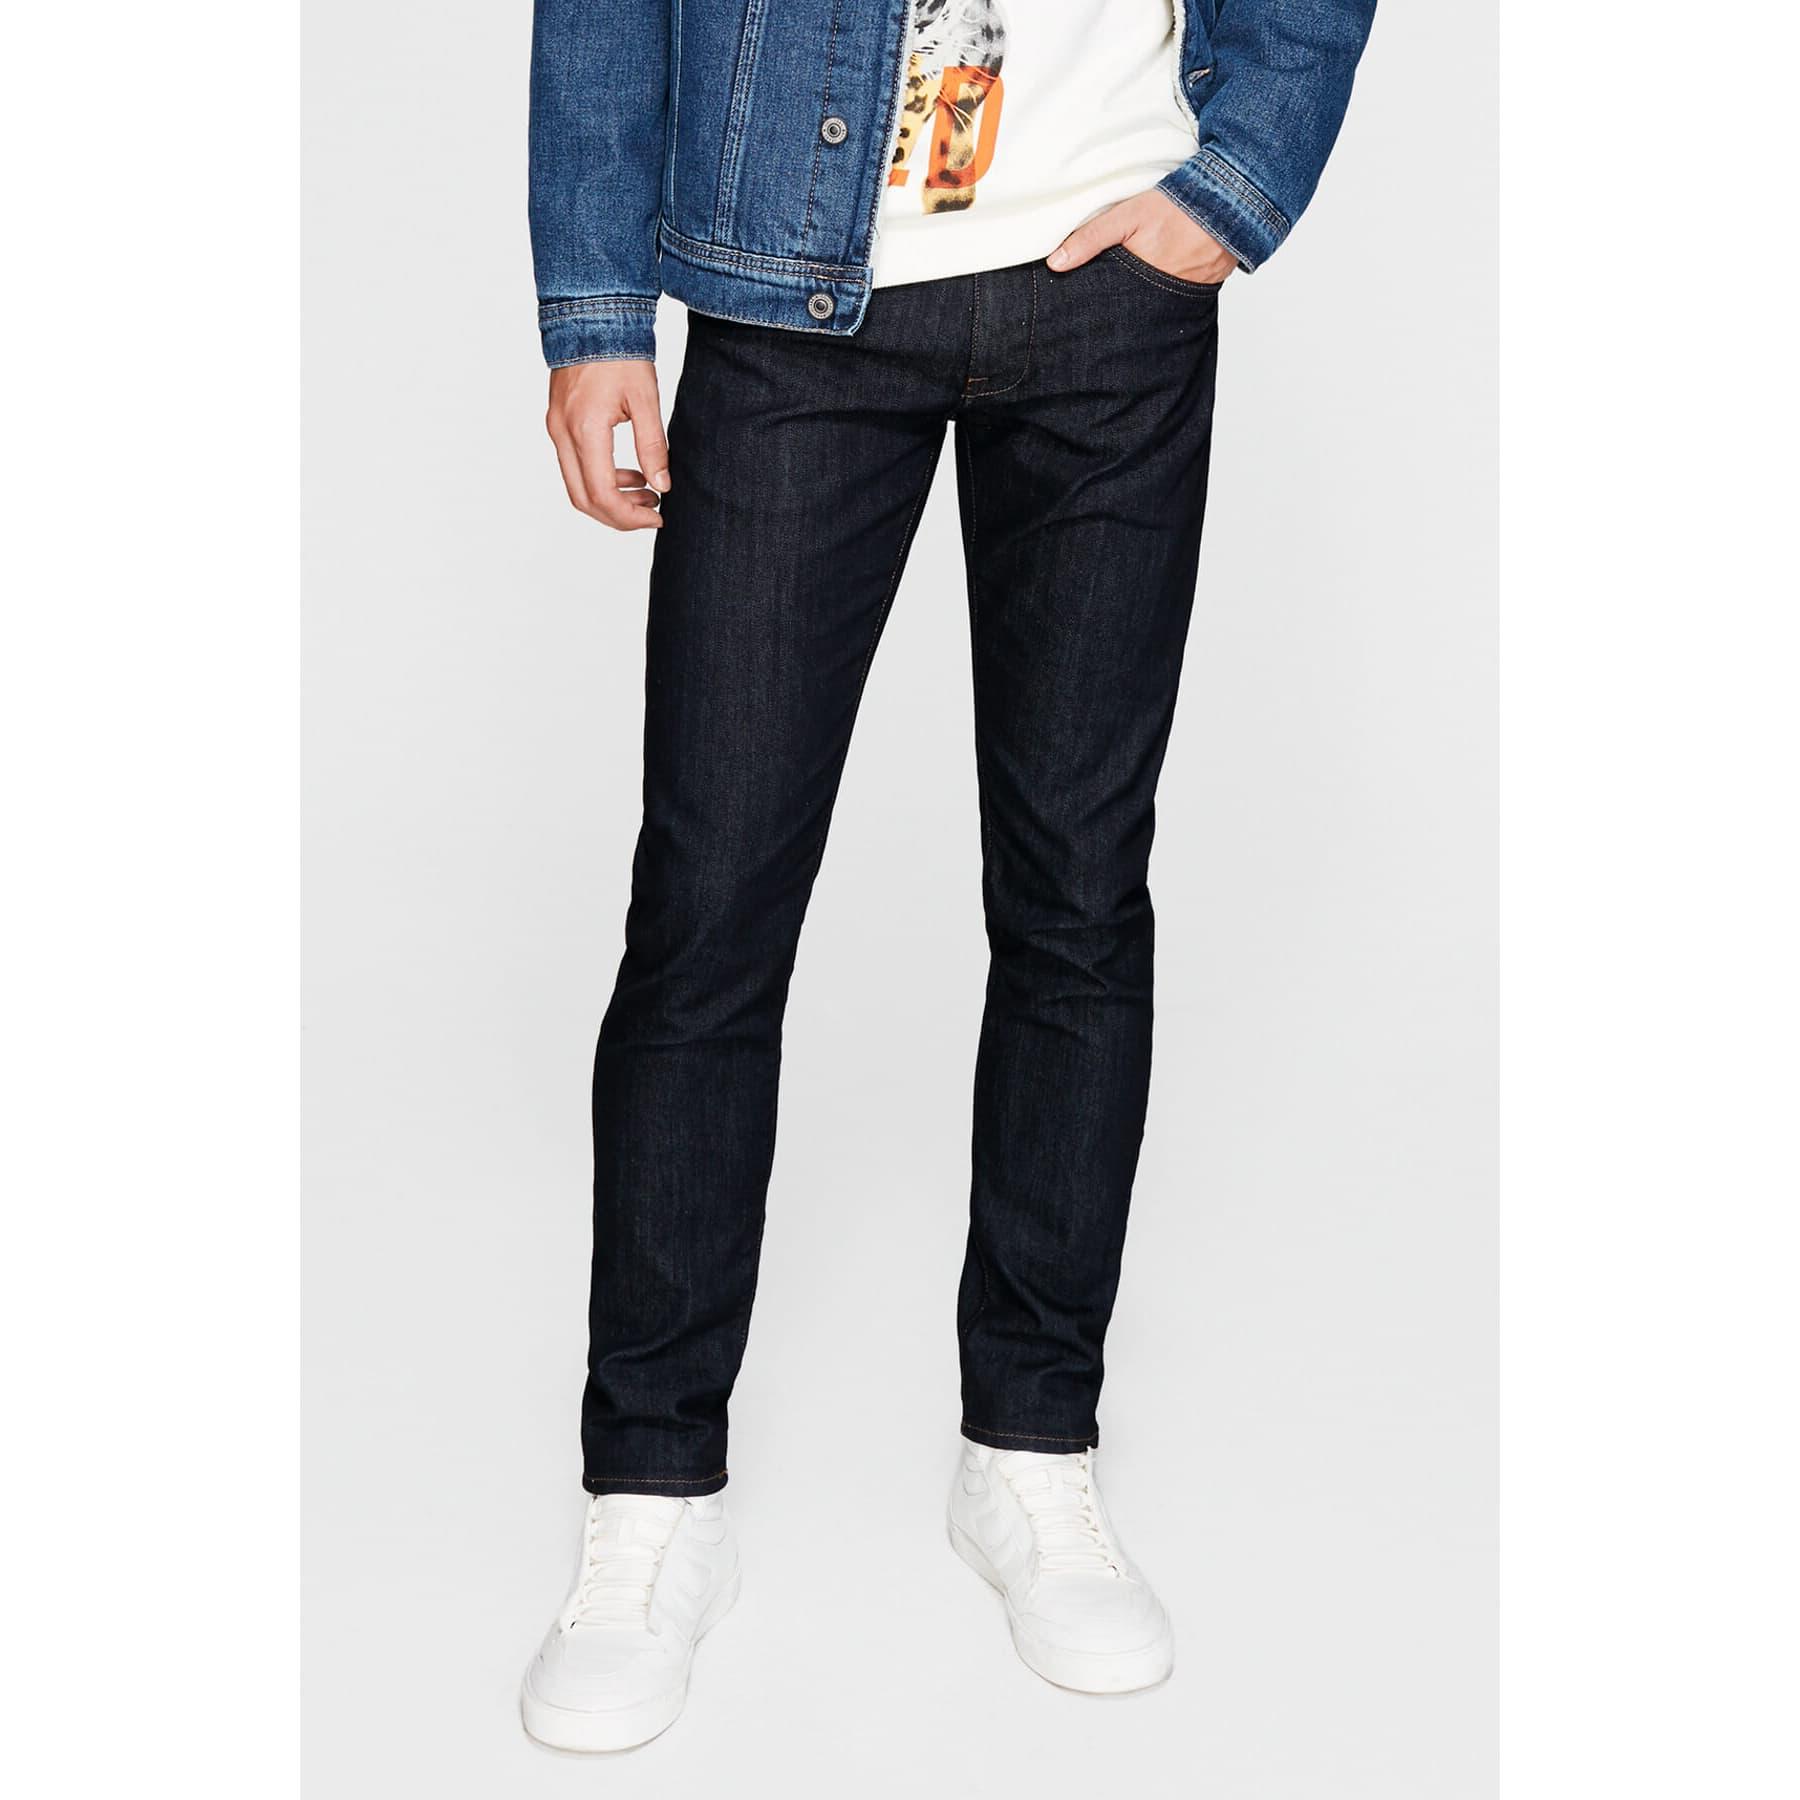 Mavi Jeans Jake Black Erkek Kot Pantolon